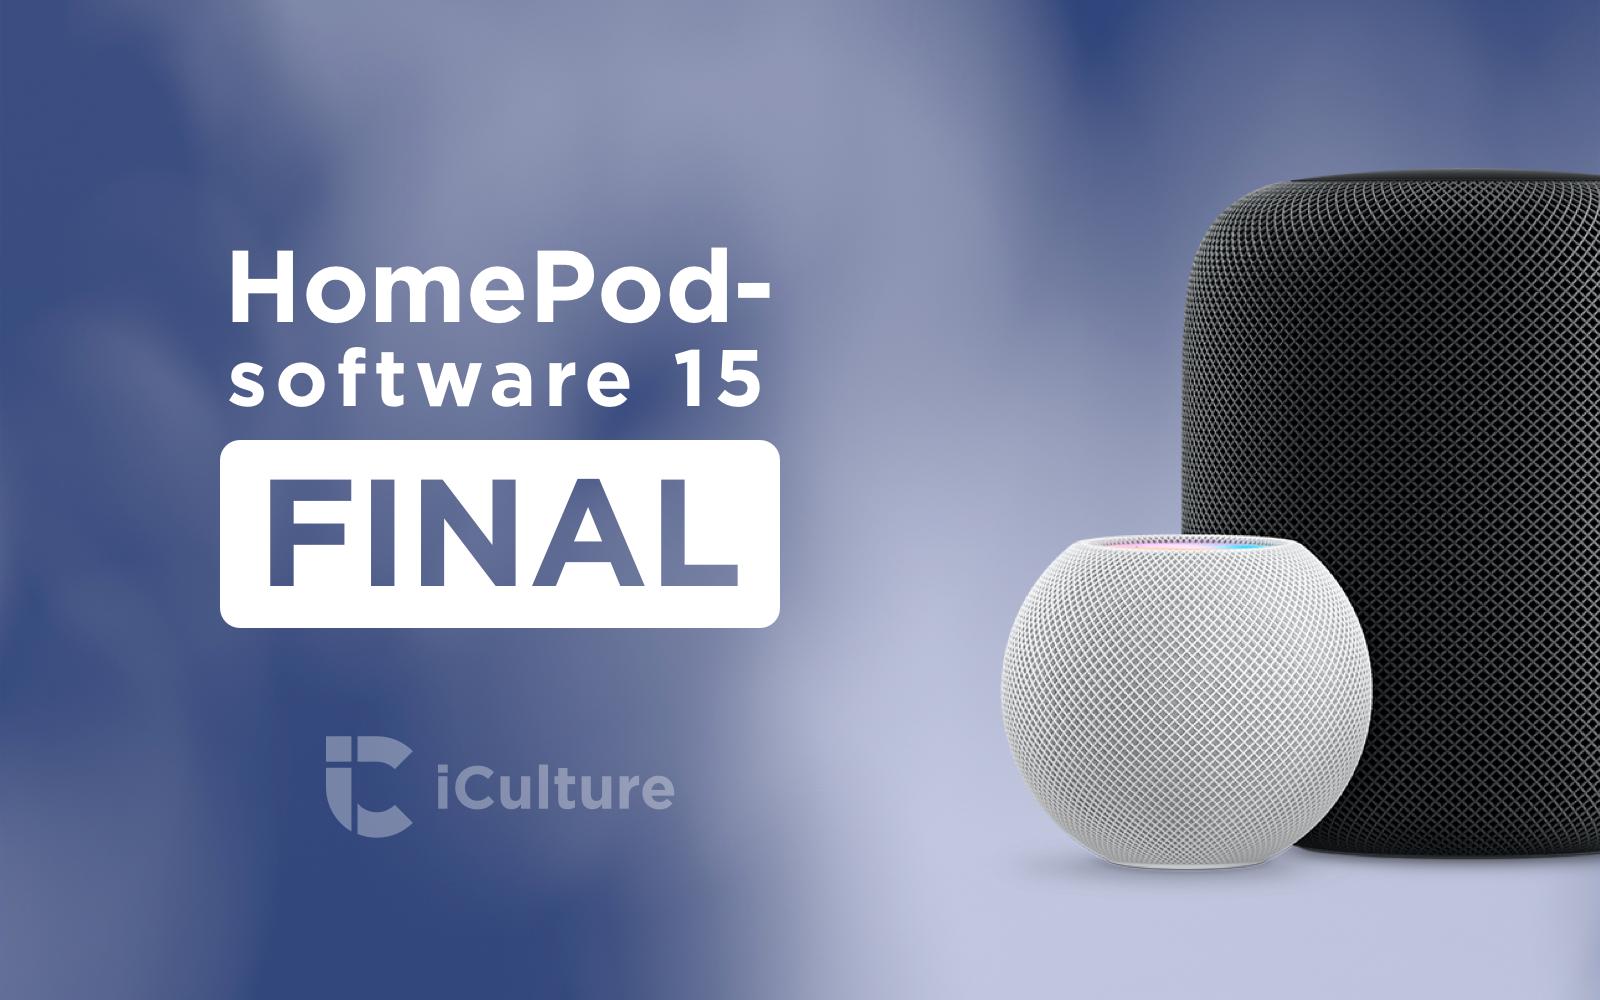 HomePod software-update 15 Final.